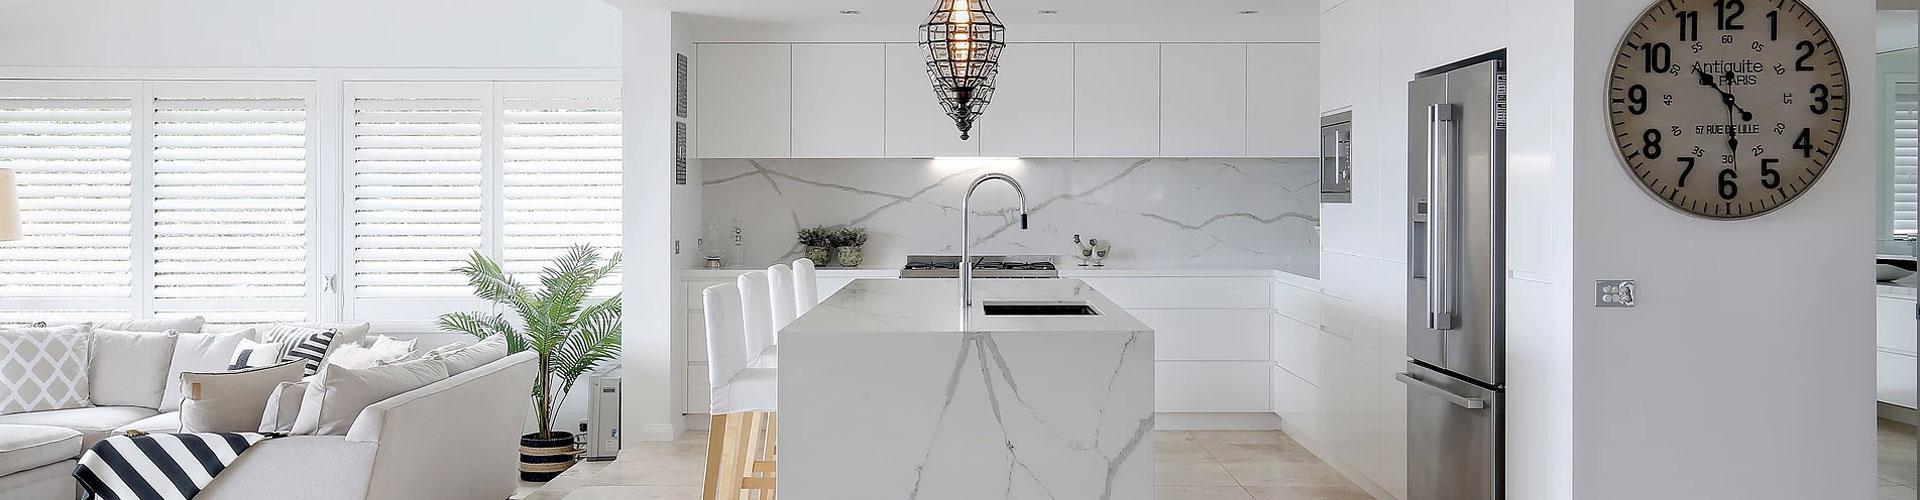 kitchen design services northern beaches